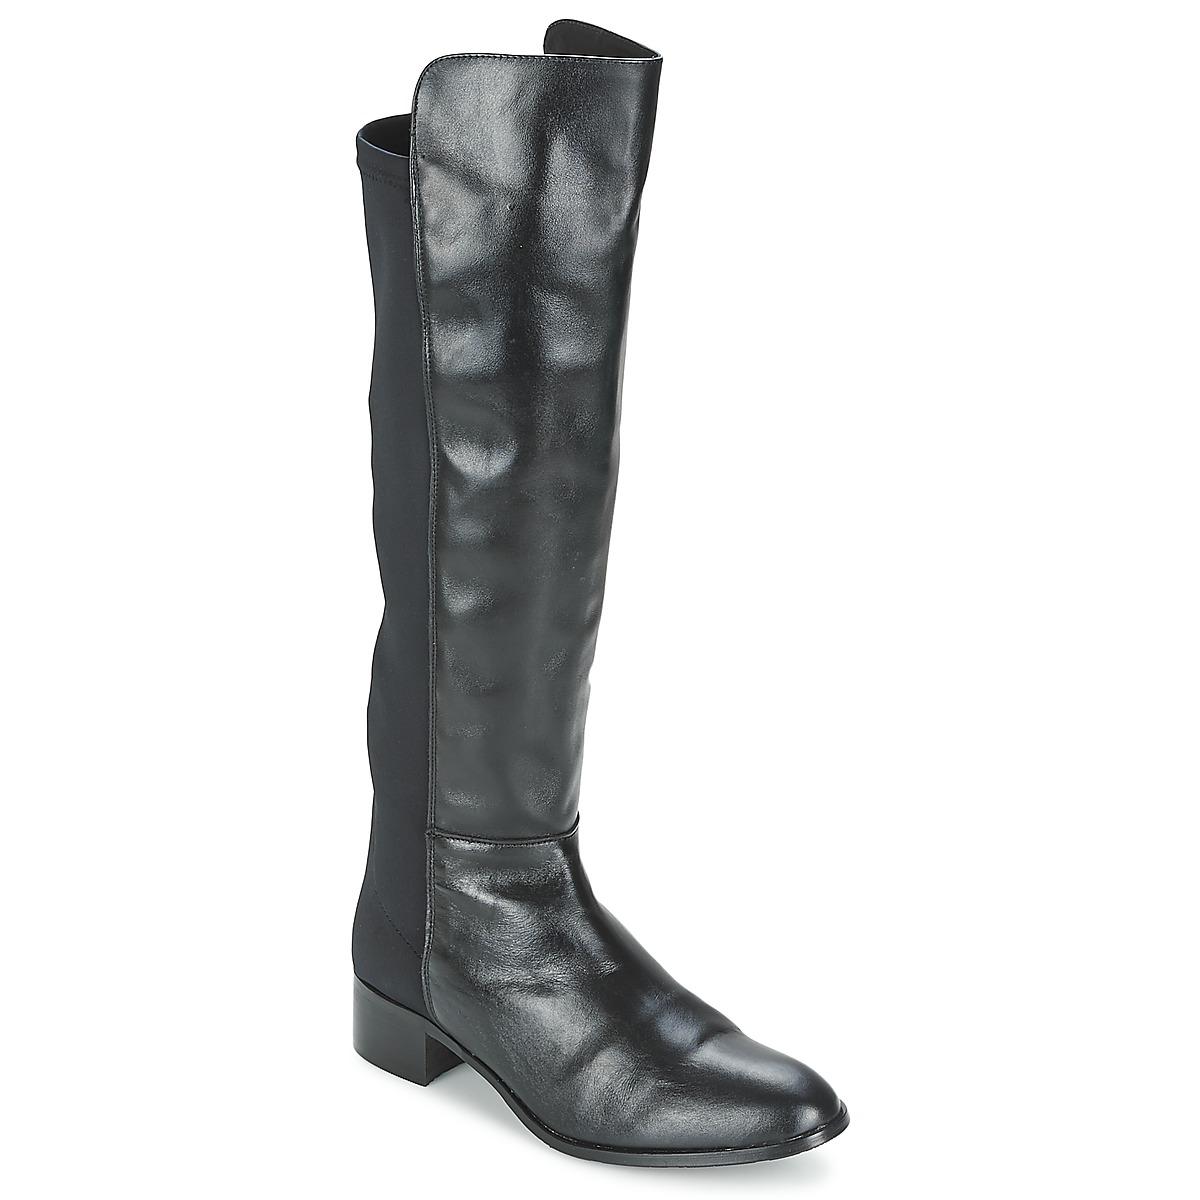 KG by Kurt Geiger WILLIAM Schwarz - Kostenloser Versand bei Spartoode ! - Schuhe Klassische Stiefel Damen 113,00 €